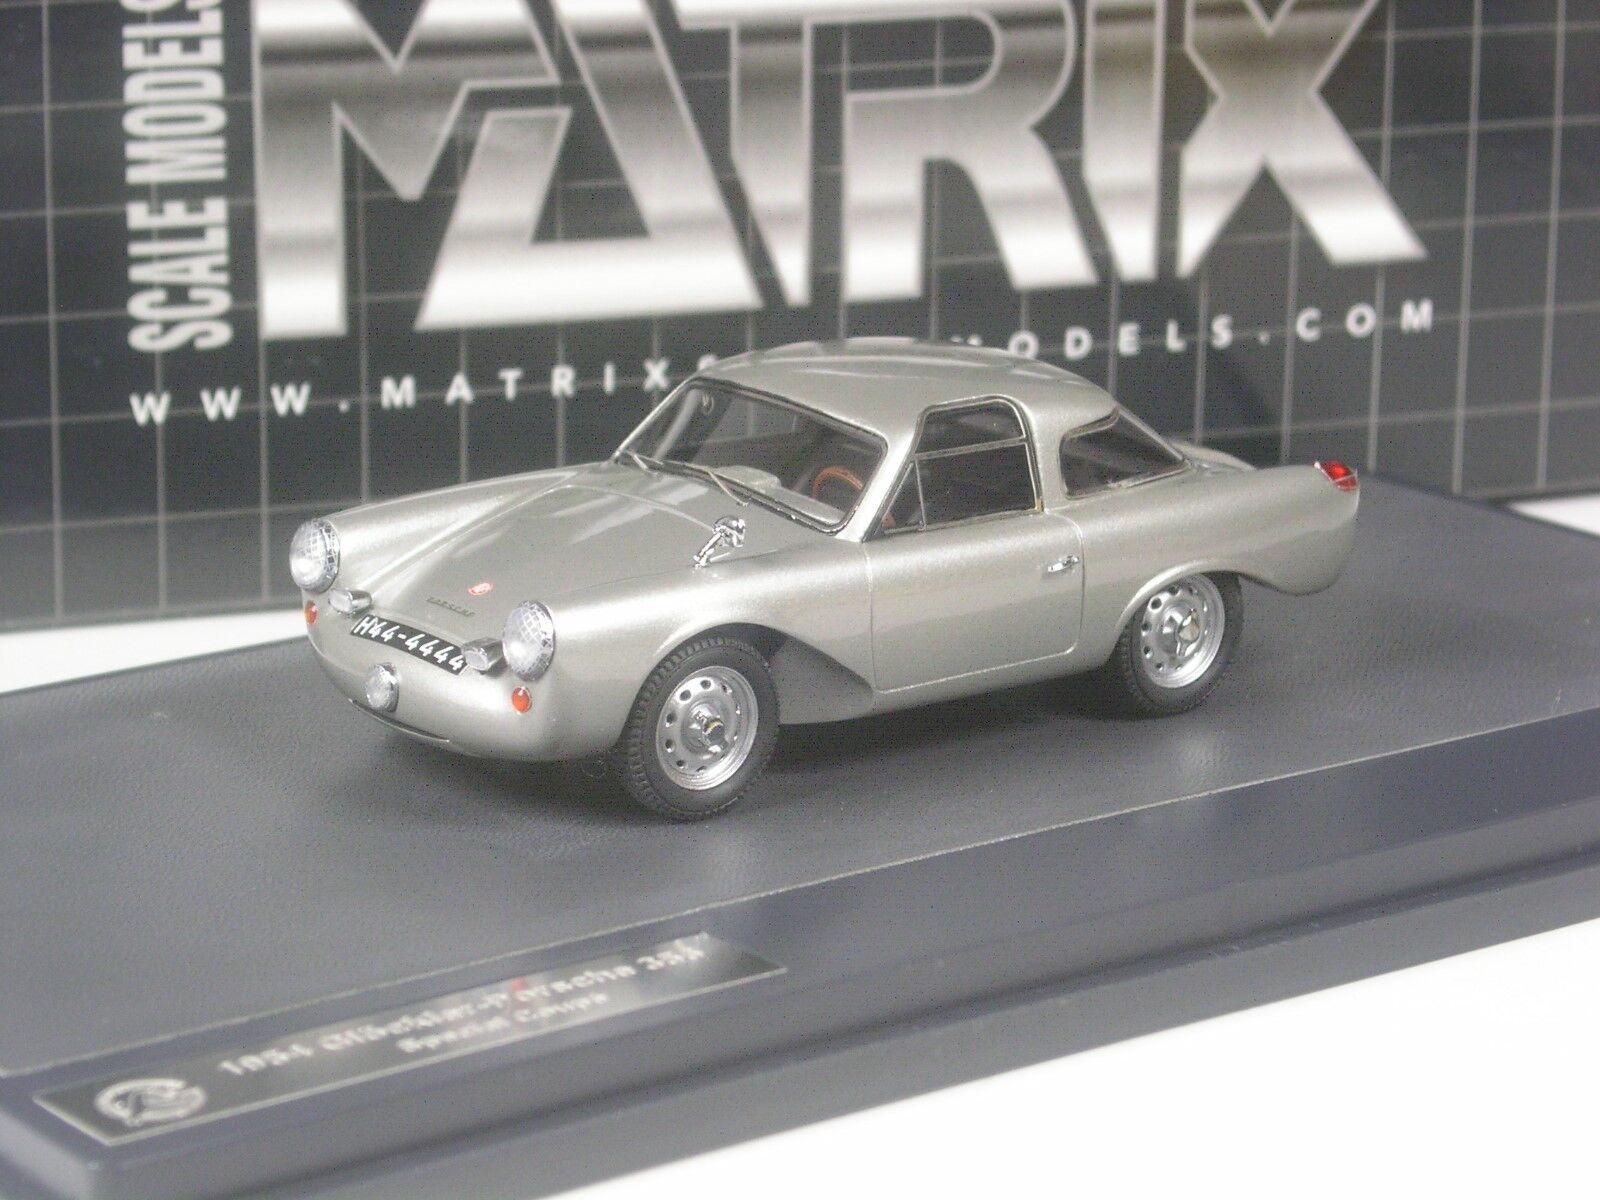 CLASSE: Matrix glöckler PORSCHE 356 SPECIAL coupé argent en 1:43 dans neuf dans sa boîte   Bradées